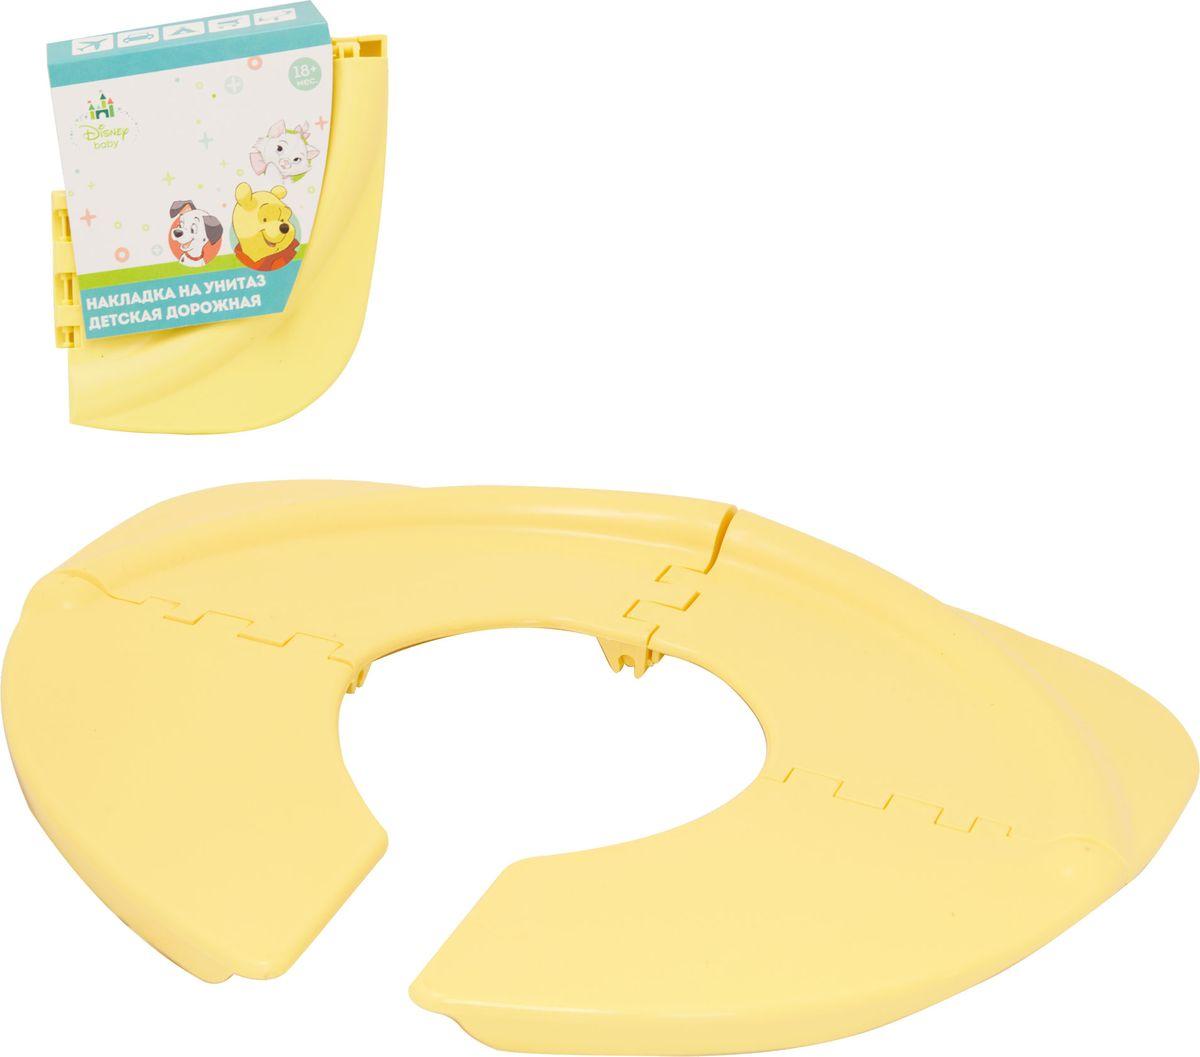 Disney Накладка на унитаз складная цвет банановыйМ 2580-ДСкладная накладка на унитаз Disney сделает процесс приучения ребенка к взрослому унитазу быстрым и комфортным. Накладка имеет эргономичный дизайн, а складная конструкция обеспечивает компактное хранение и позволяет брать такую накладку с собой в дорогу. Накладка выполнена из прочного безопасного пластика яркого цвета, она легко моется и не впитывает неприятные запахи.